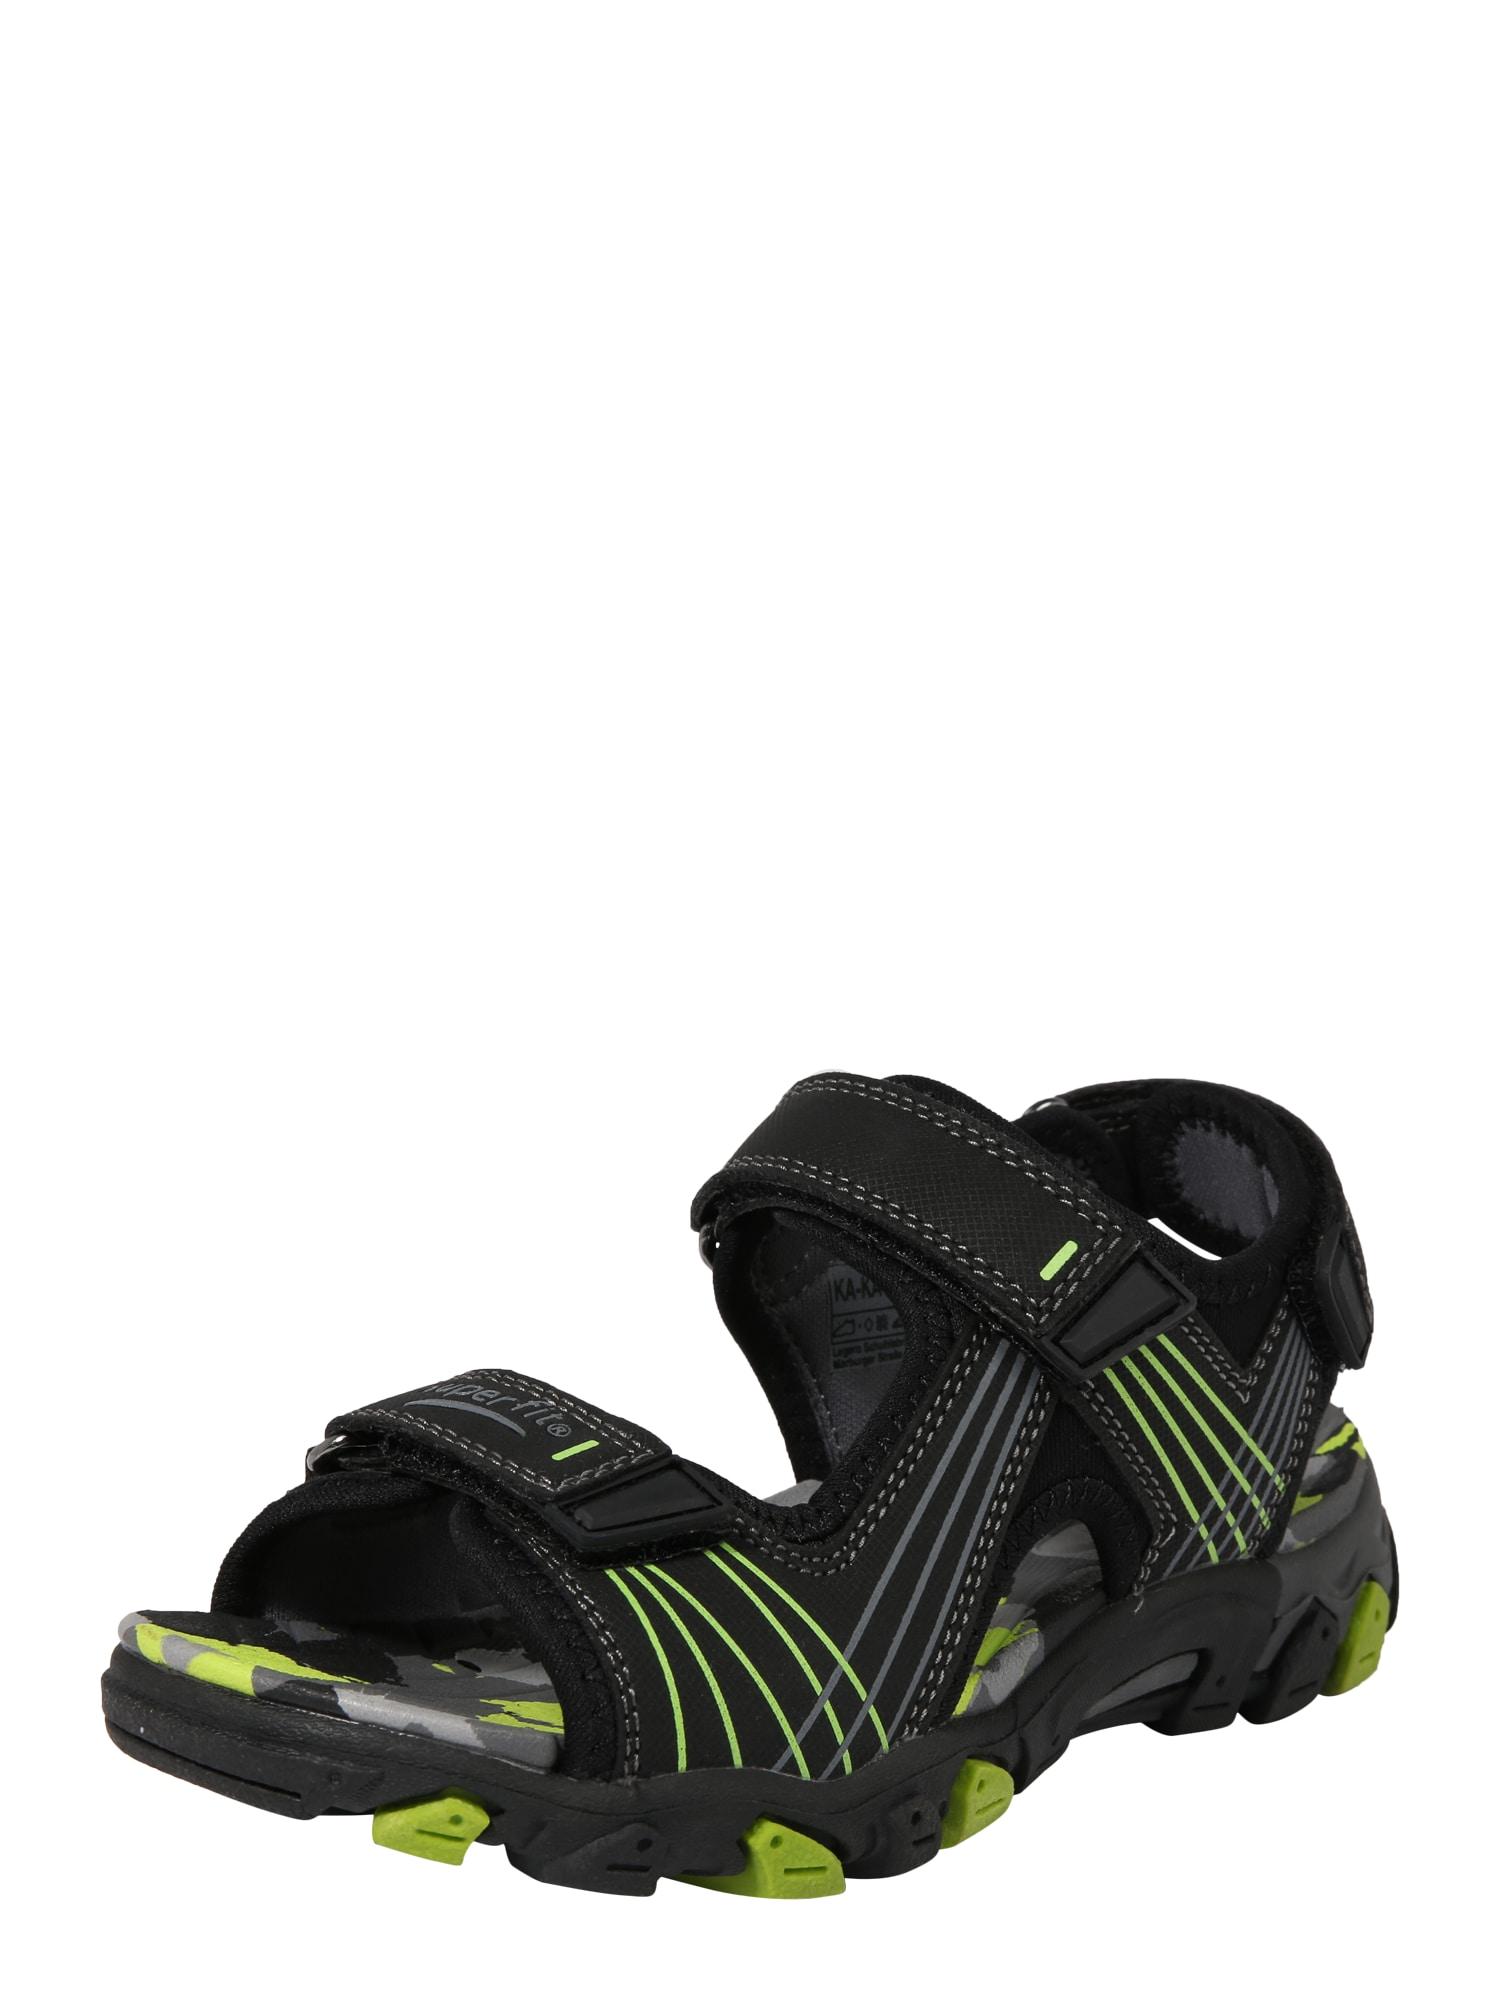 Otevřená obuv HENRY svítivě zelená černá SUPERFIT